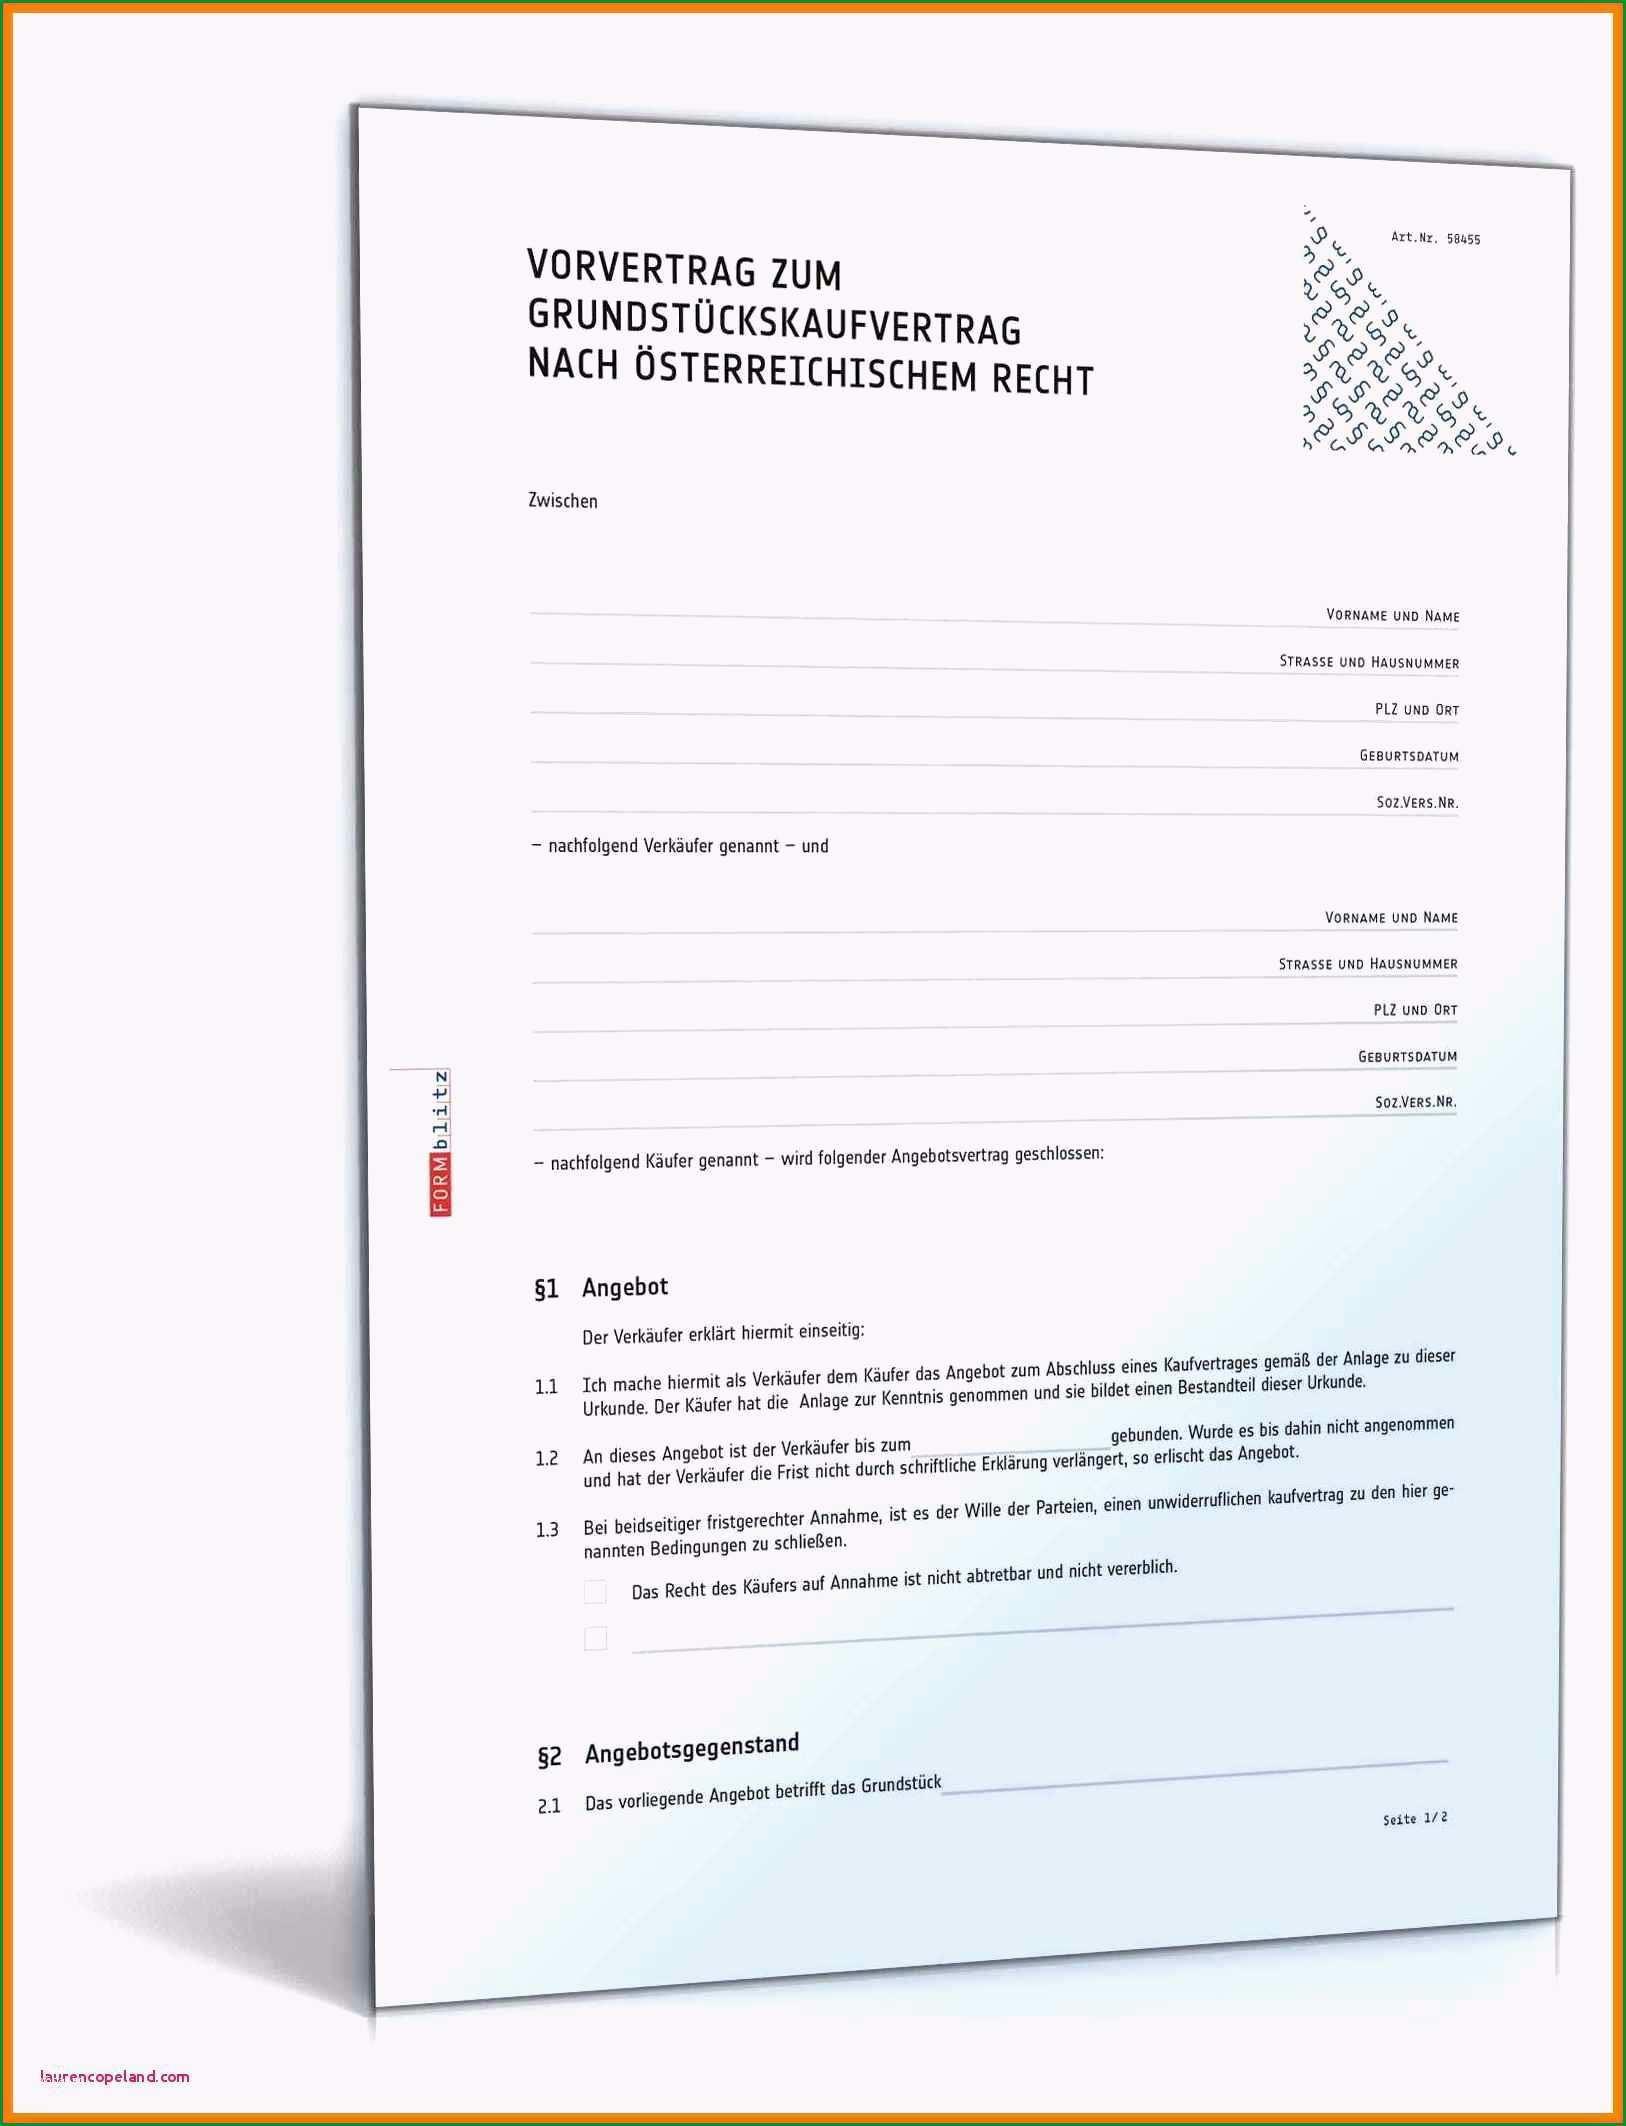 vorlage arbeitsanweisung handyverbot inhaltsverzeichnis powerpoint inhaltsverzeichnis vorlage 2